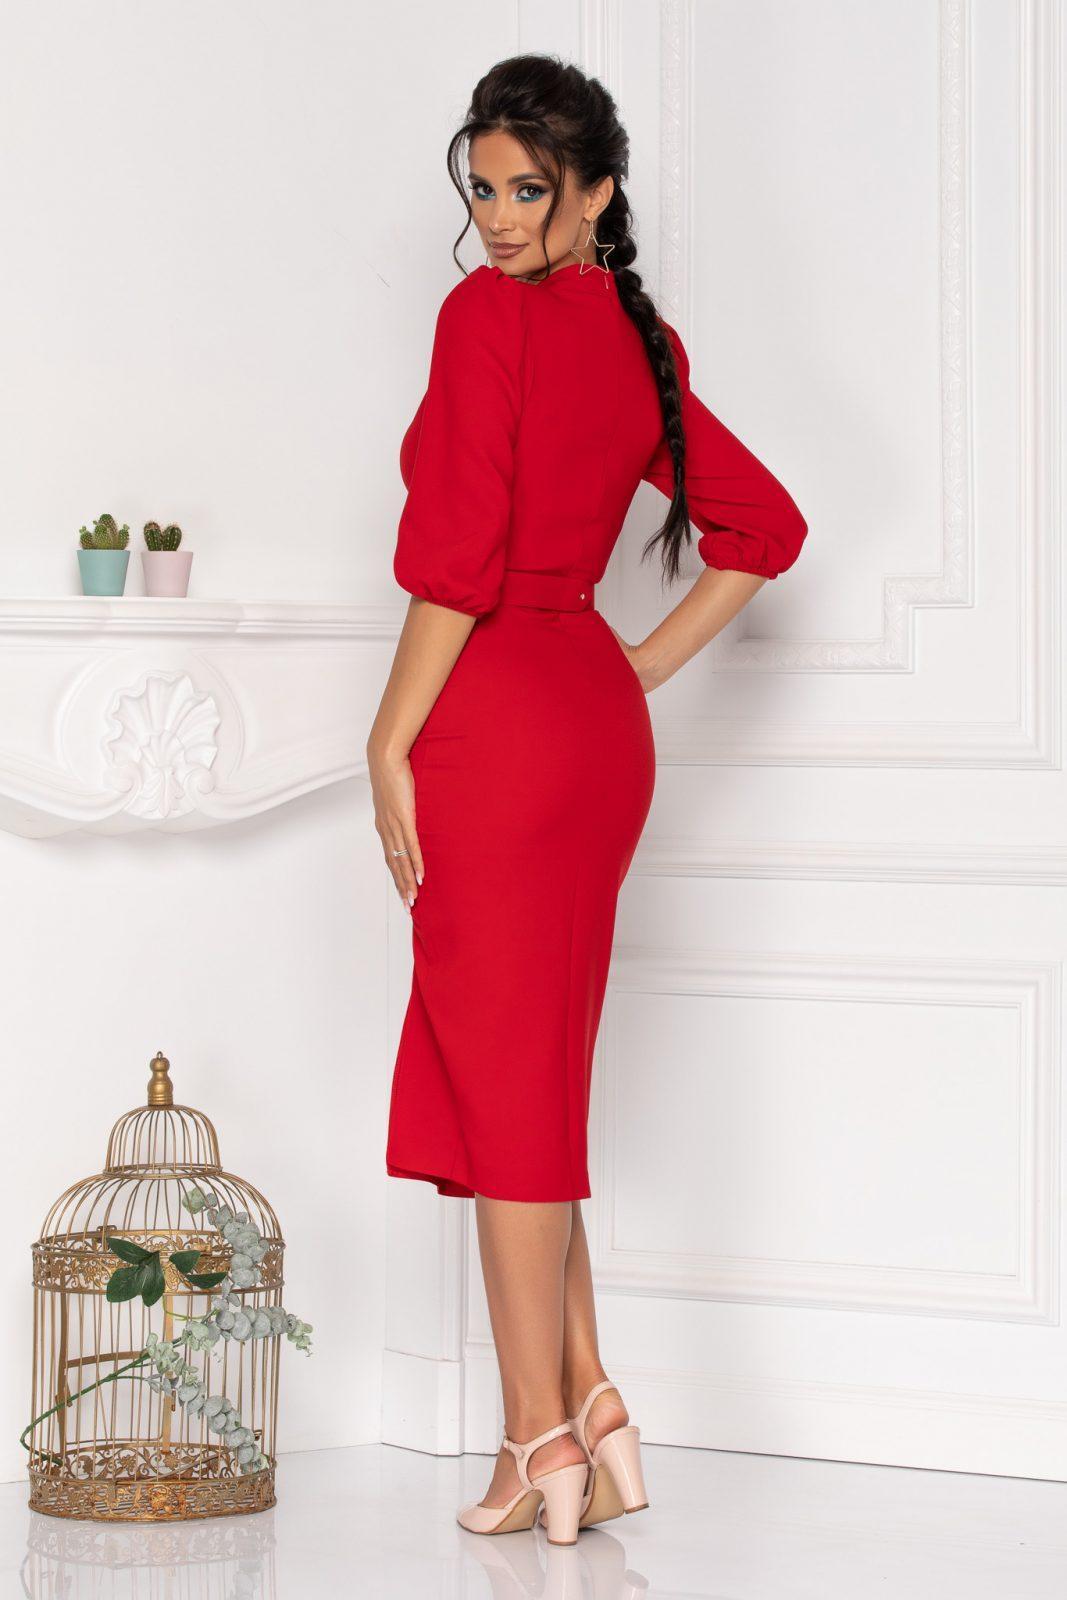 Κόκκινο Φόρεμα Με 3/4 Μανίκι Fiorella 8460 1